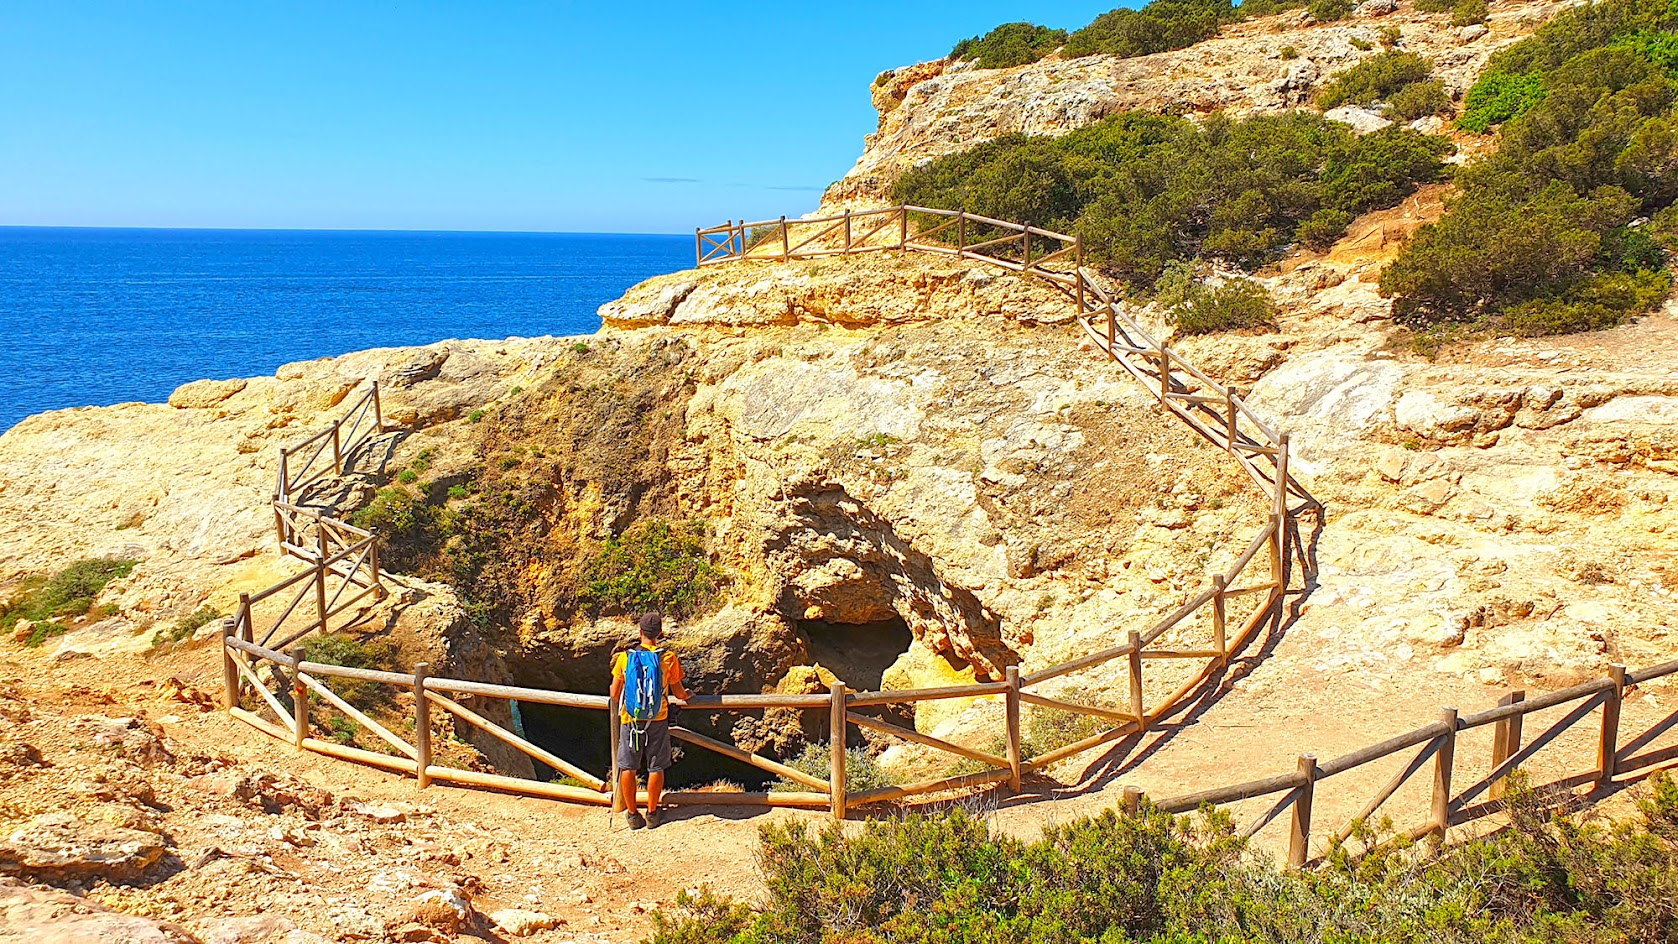 TRILHO DOS SETE VALES SUSPENSOS, um trilho pelos algares, grutas, arcos e praias rochosas do Algarve